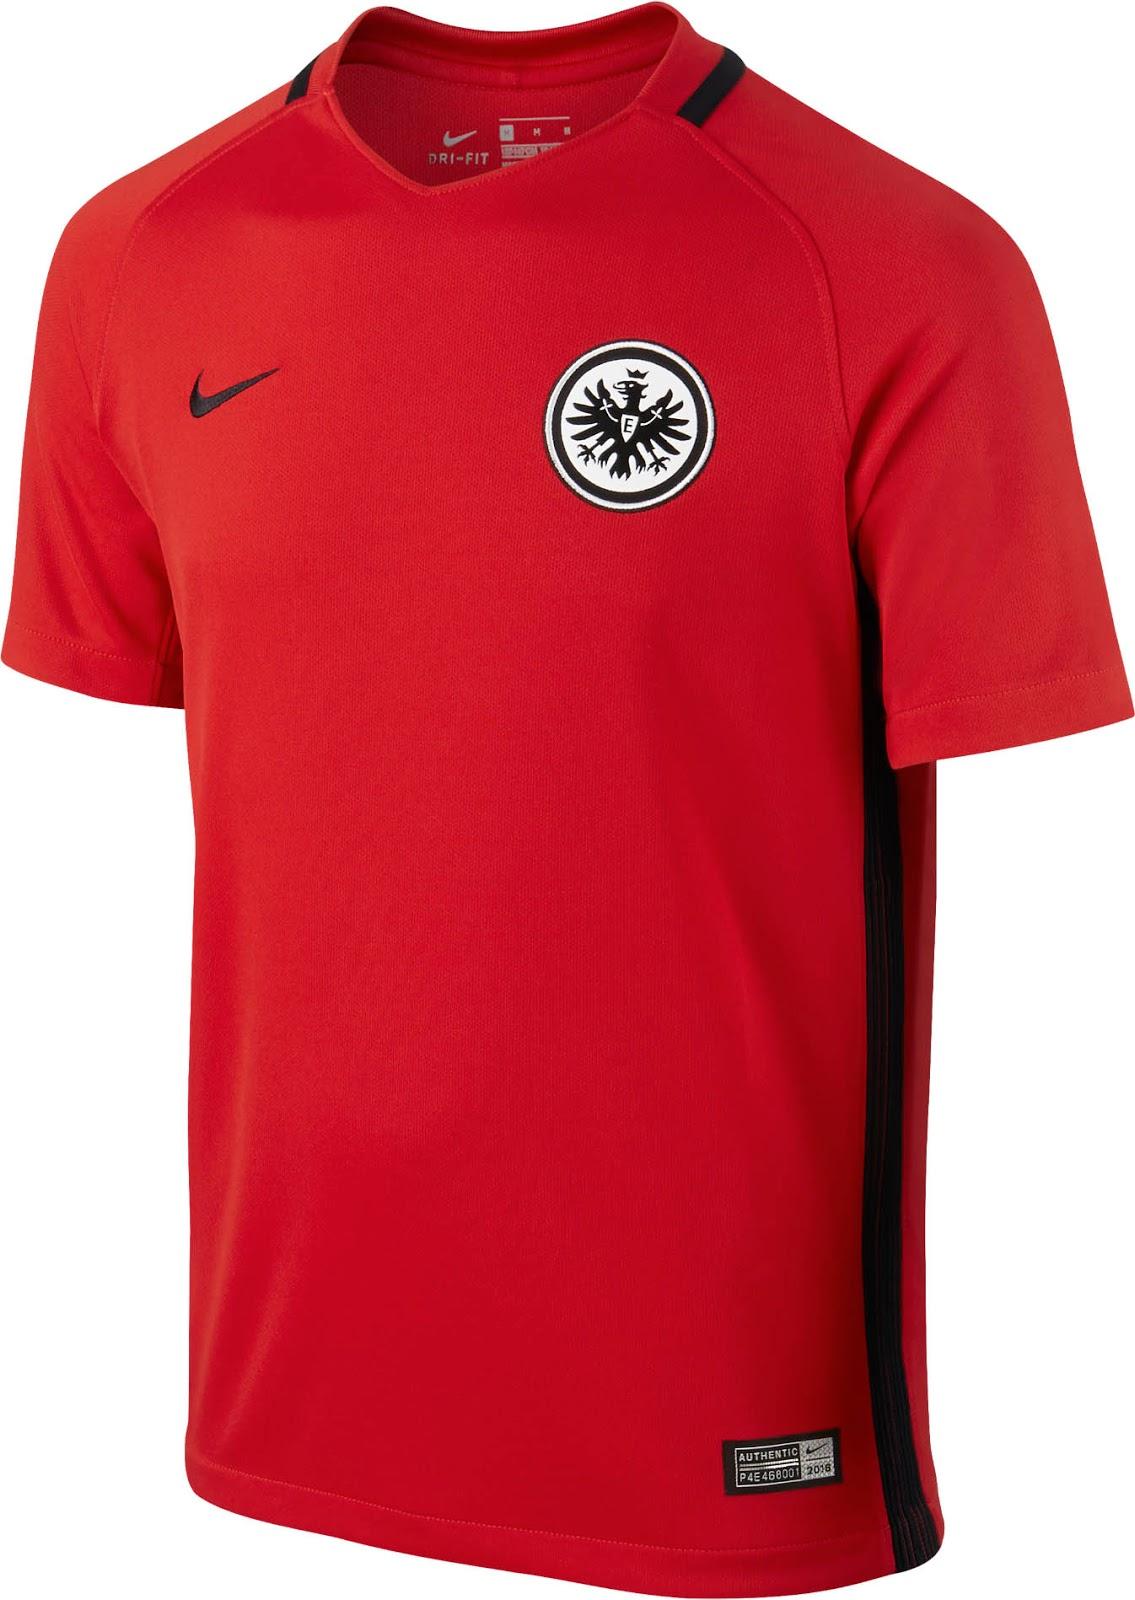 eintracht frankfurt jersey